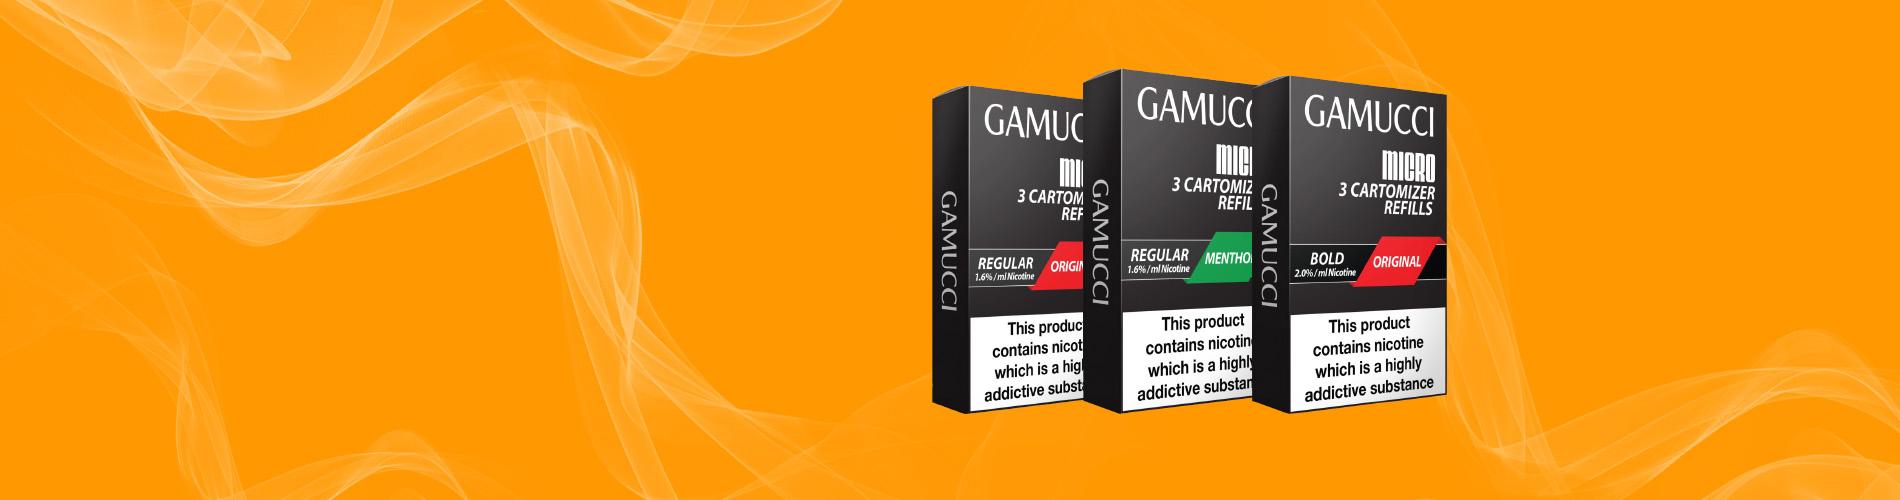 gamucci-cartomizer-refills-new